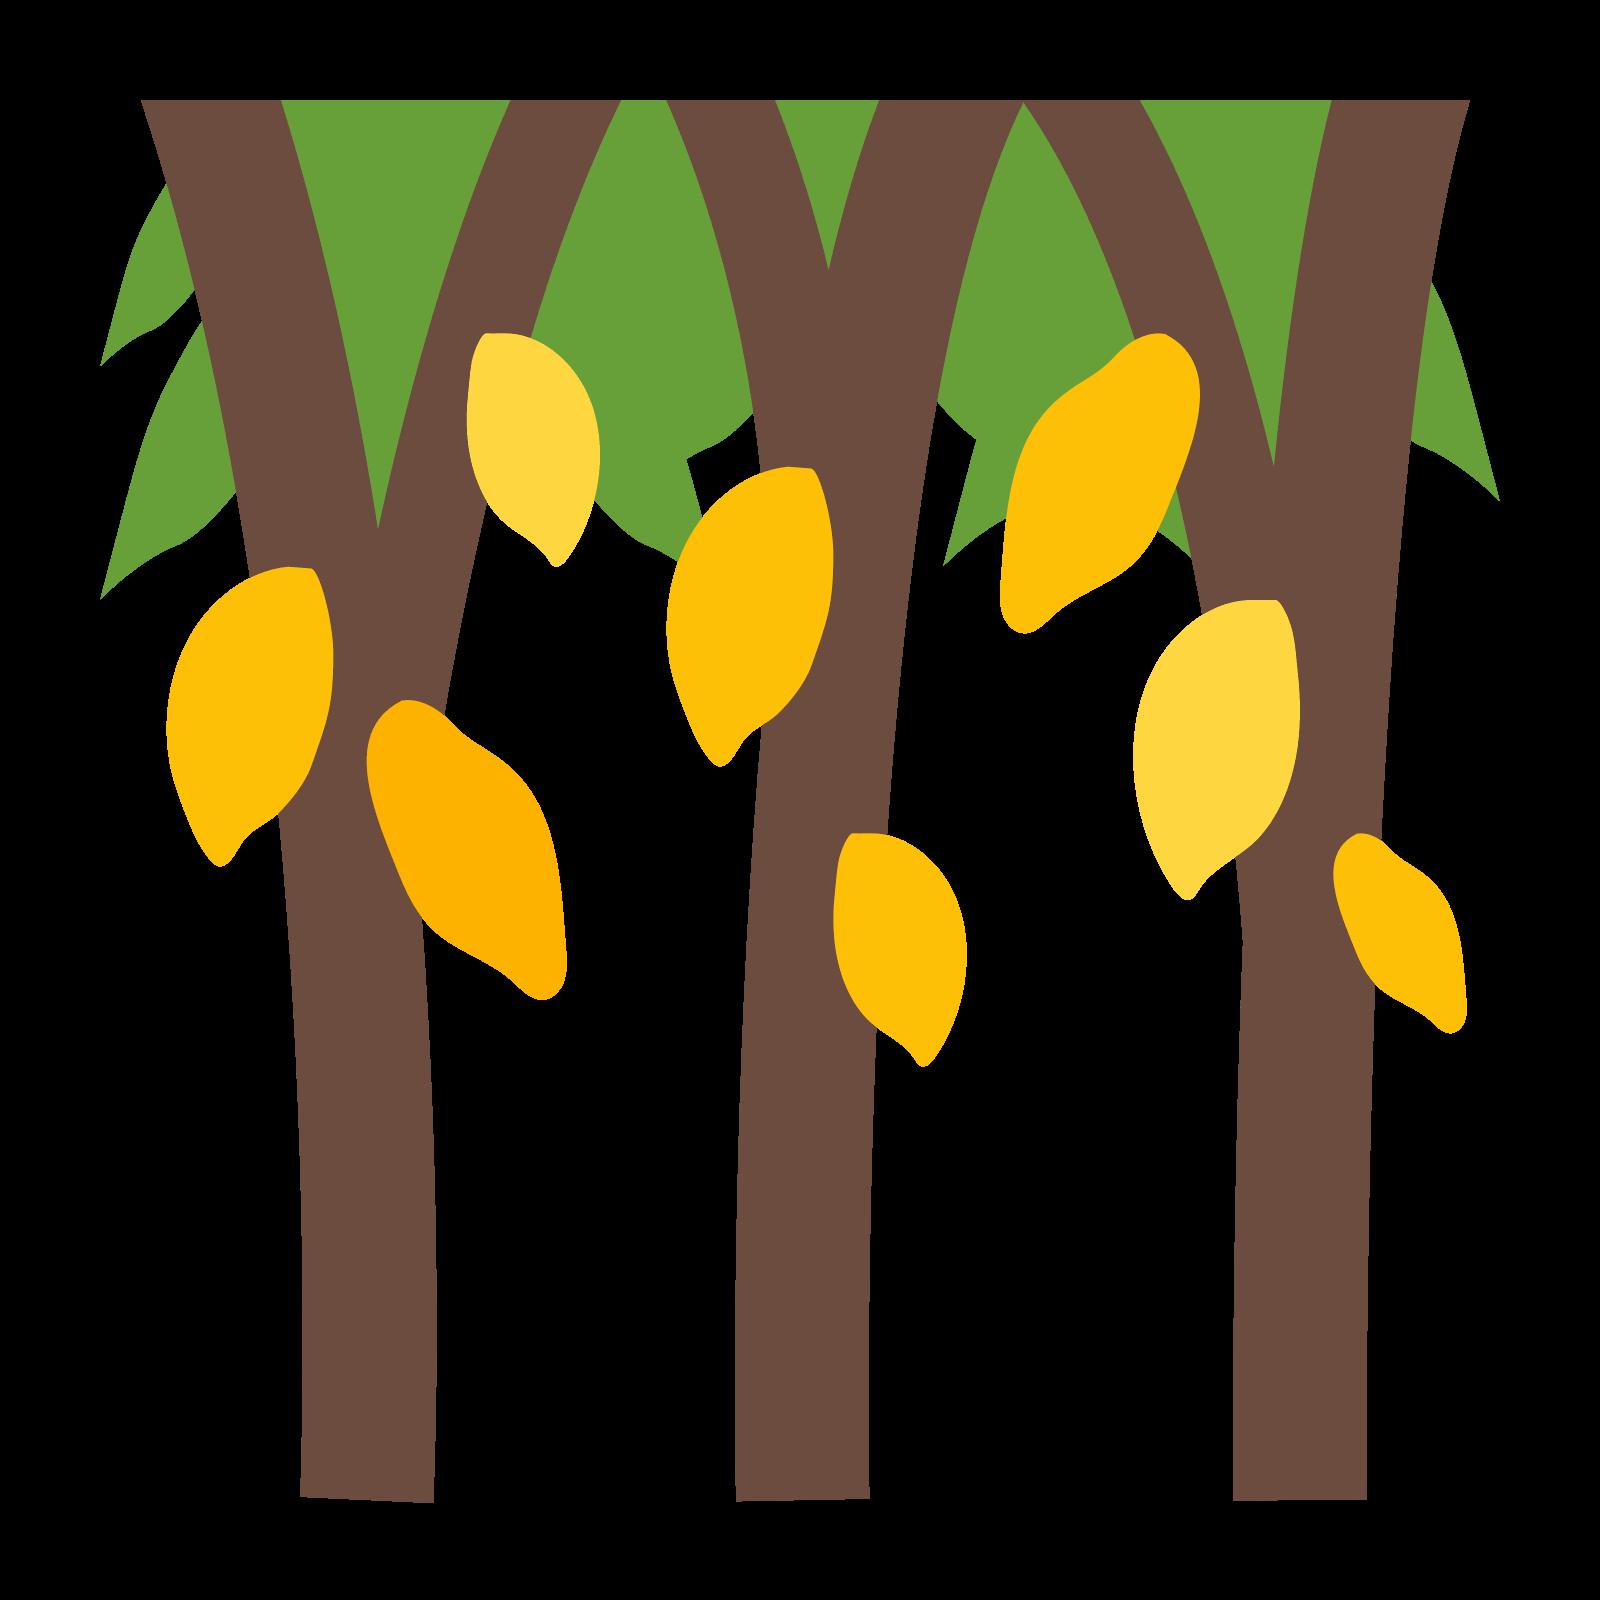 Cotton clipart cotton plantation. Fruit tree icon free